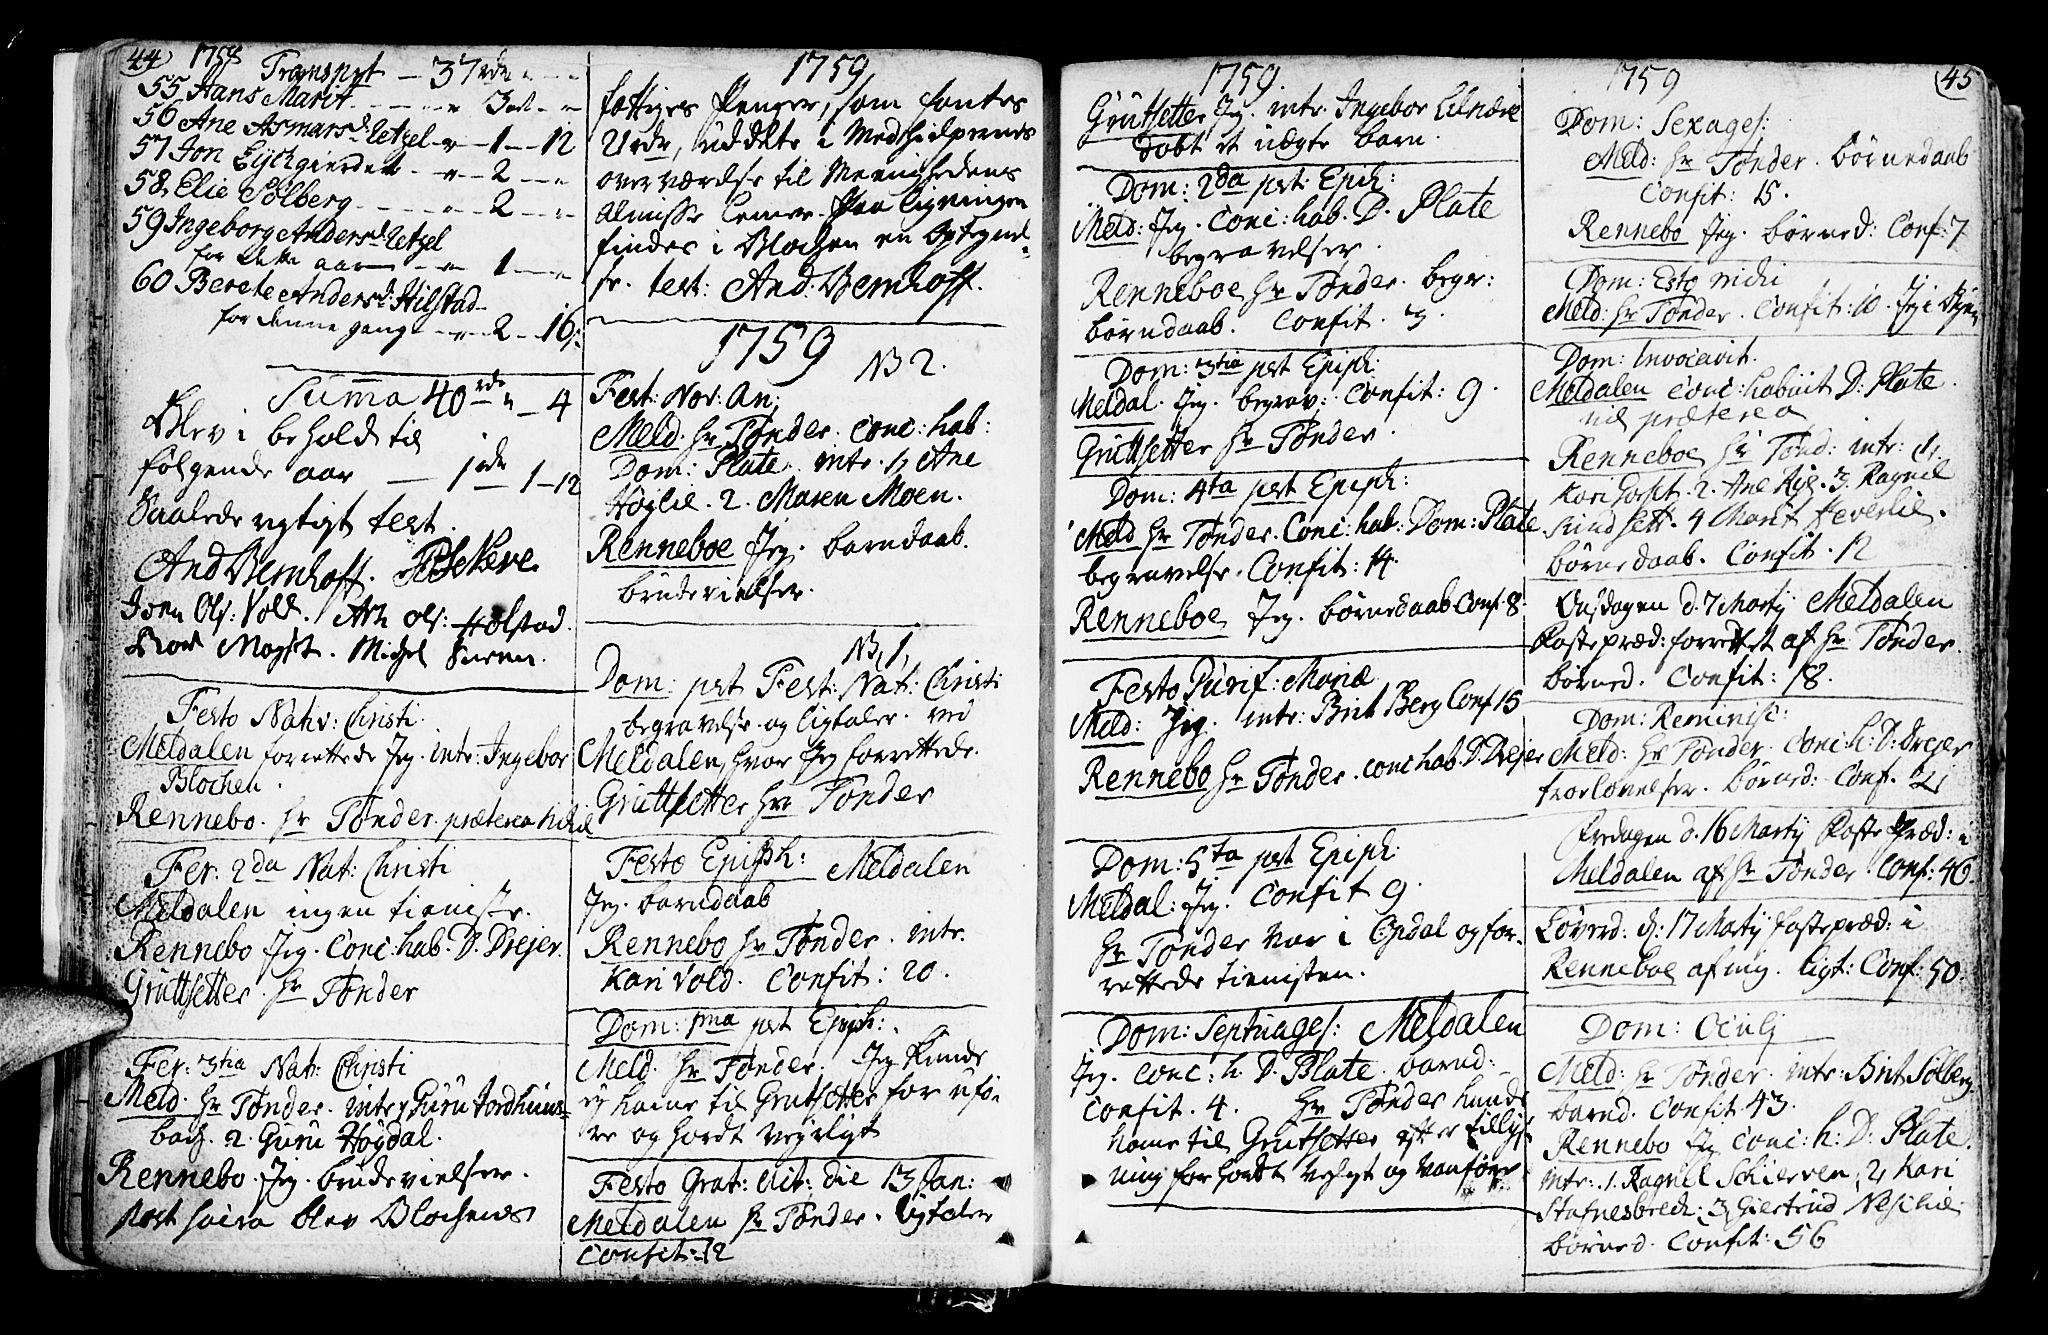 SAT, Ministerialprotokoller, klokkerbøker og fødselsregistre - Sør-Trøndelag, 672/L0851: Ministerialbok nr. 672A04, 1751-1775, s. 44-45